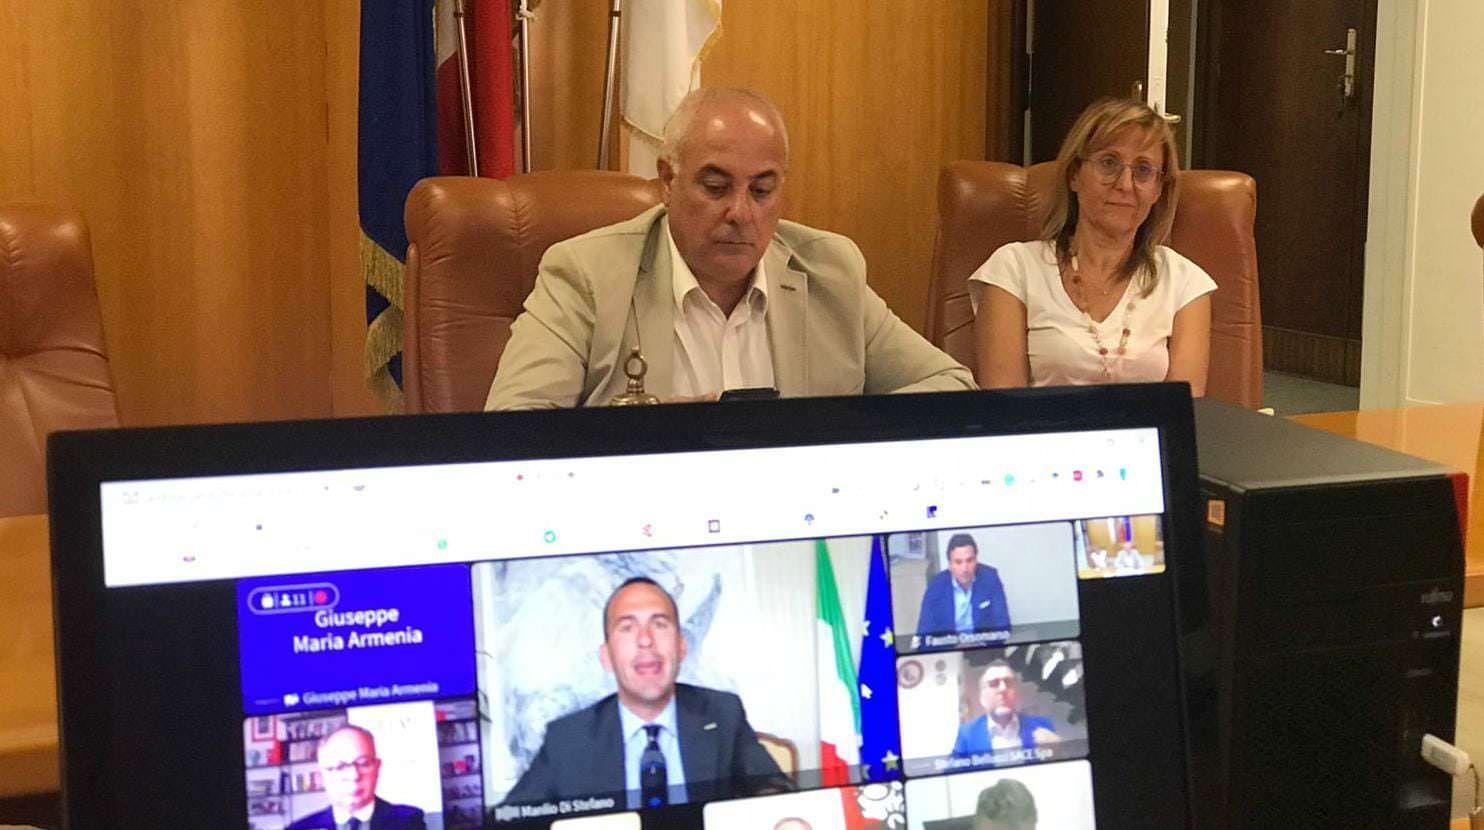 Patto per l'Export. Settima tappa del roadshow virtuale in Calabria e Campania